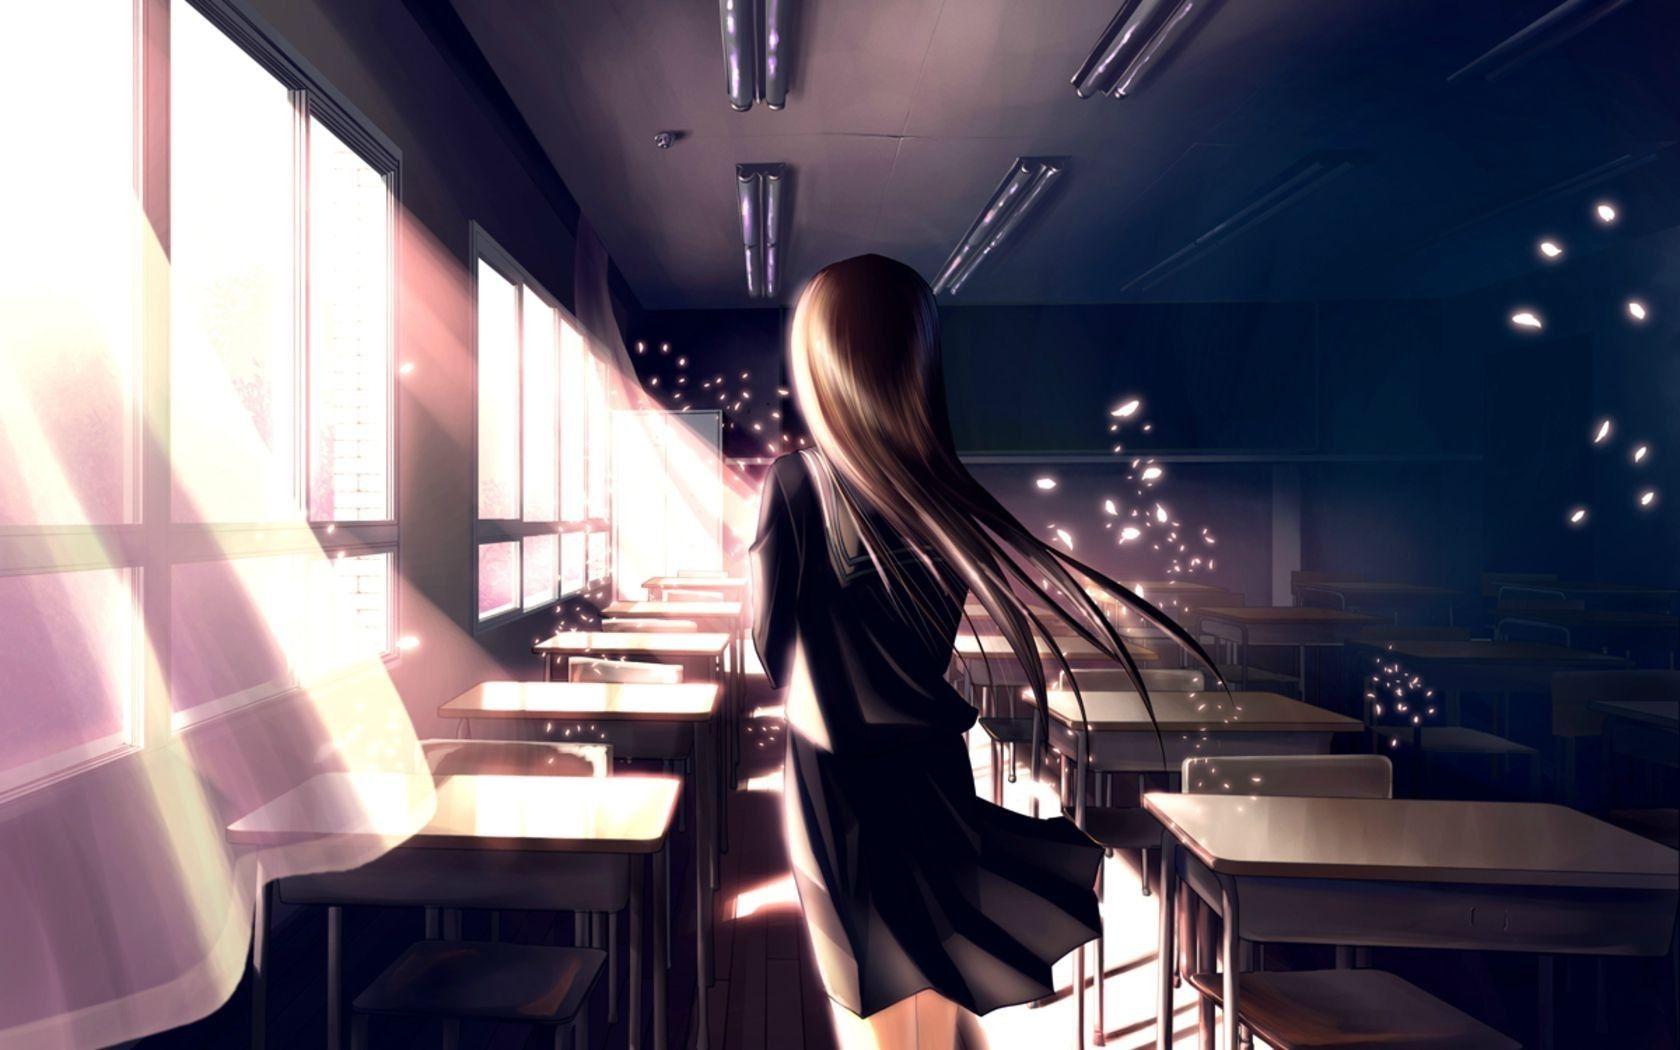 Anime School Girl Laptop Anime Wallpaper Download Girl